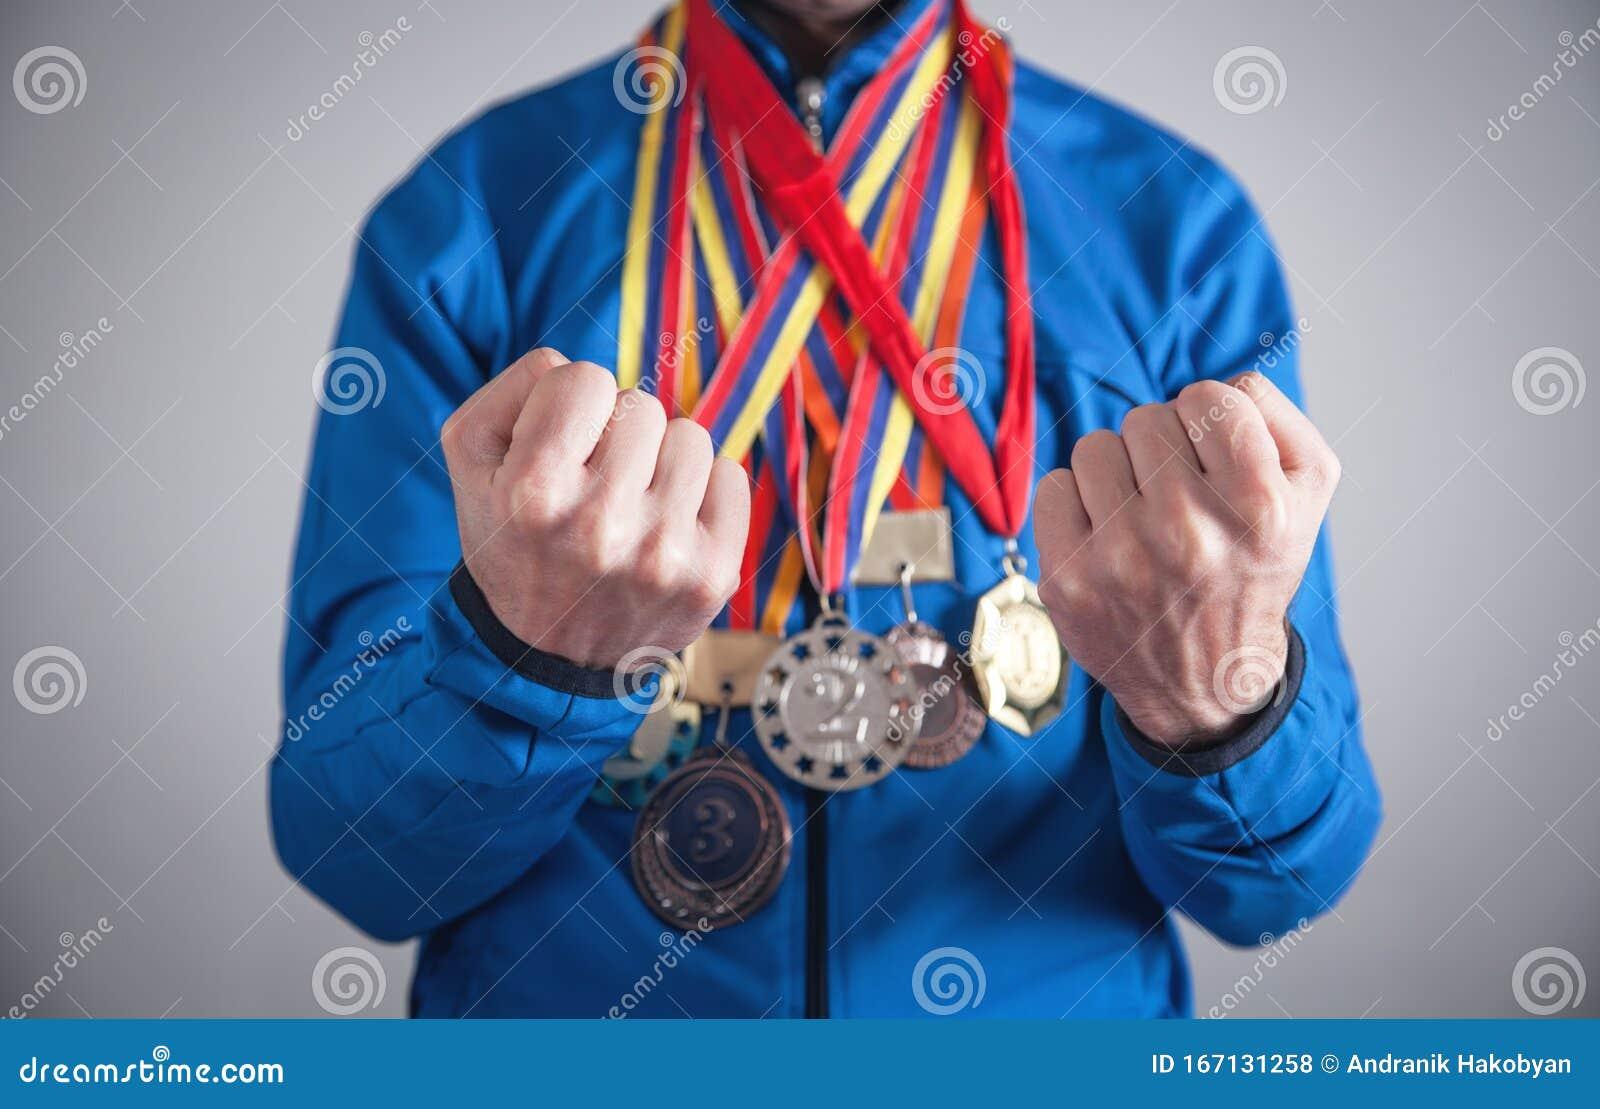 Sportwetten Gewinner